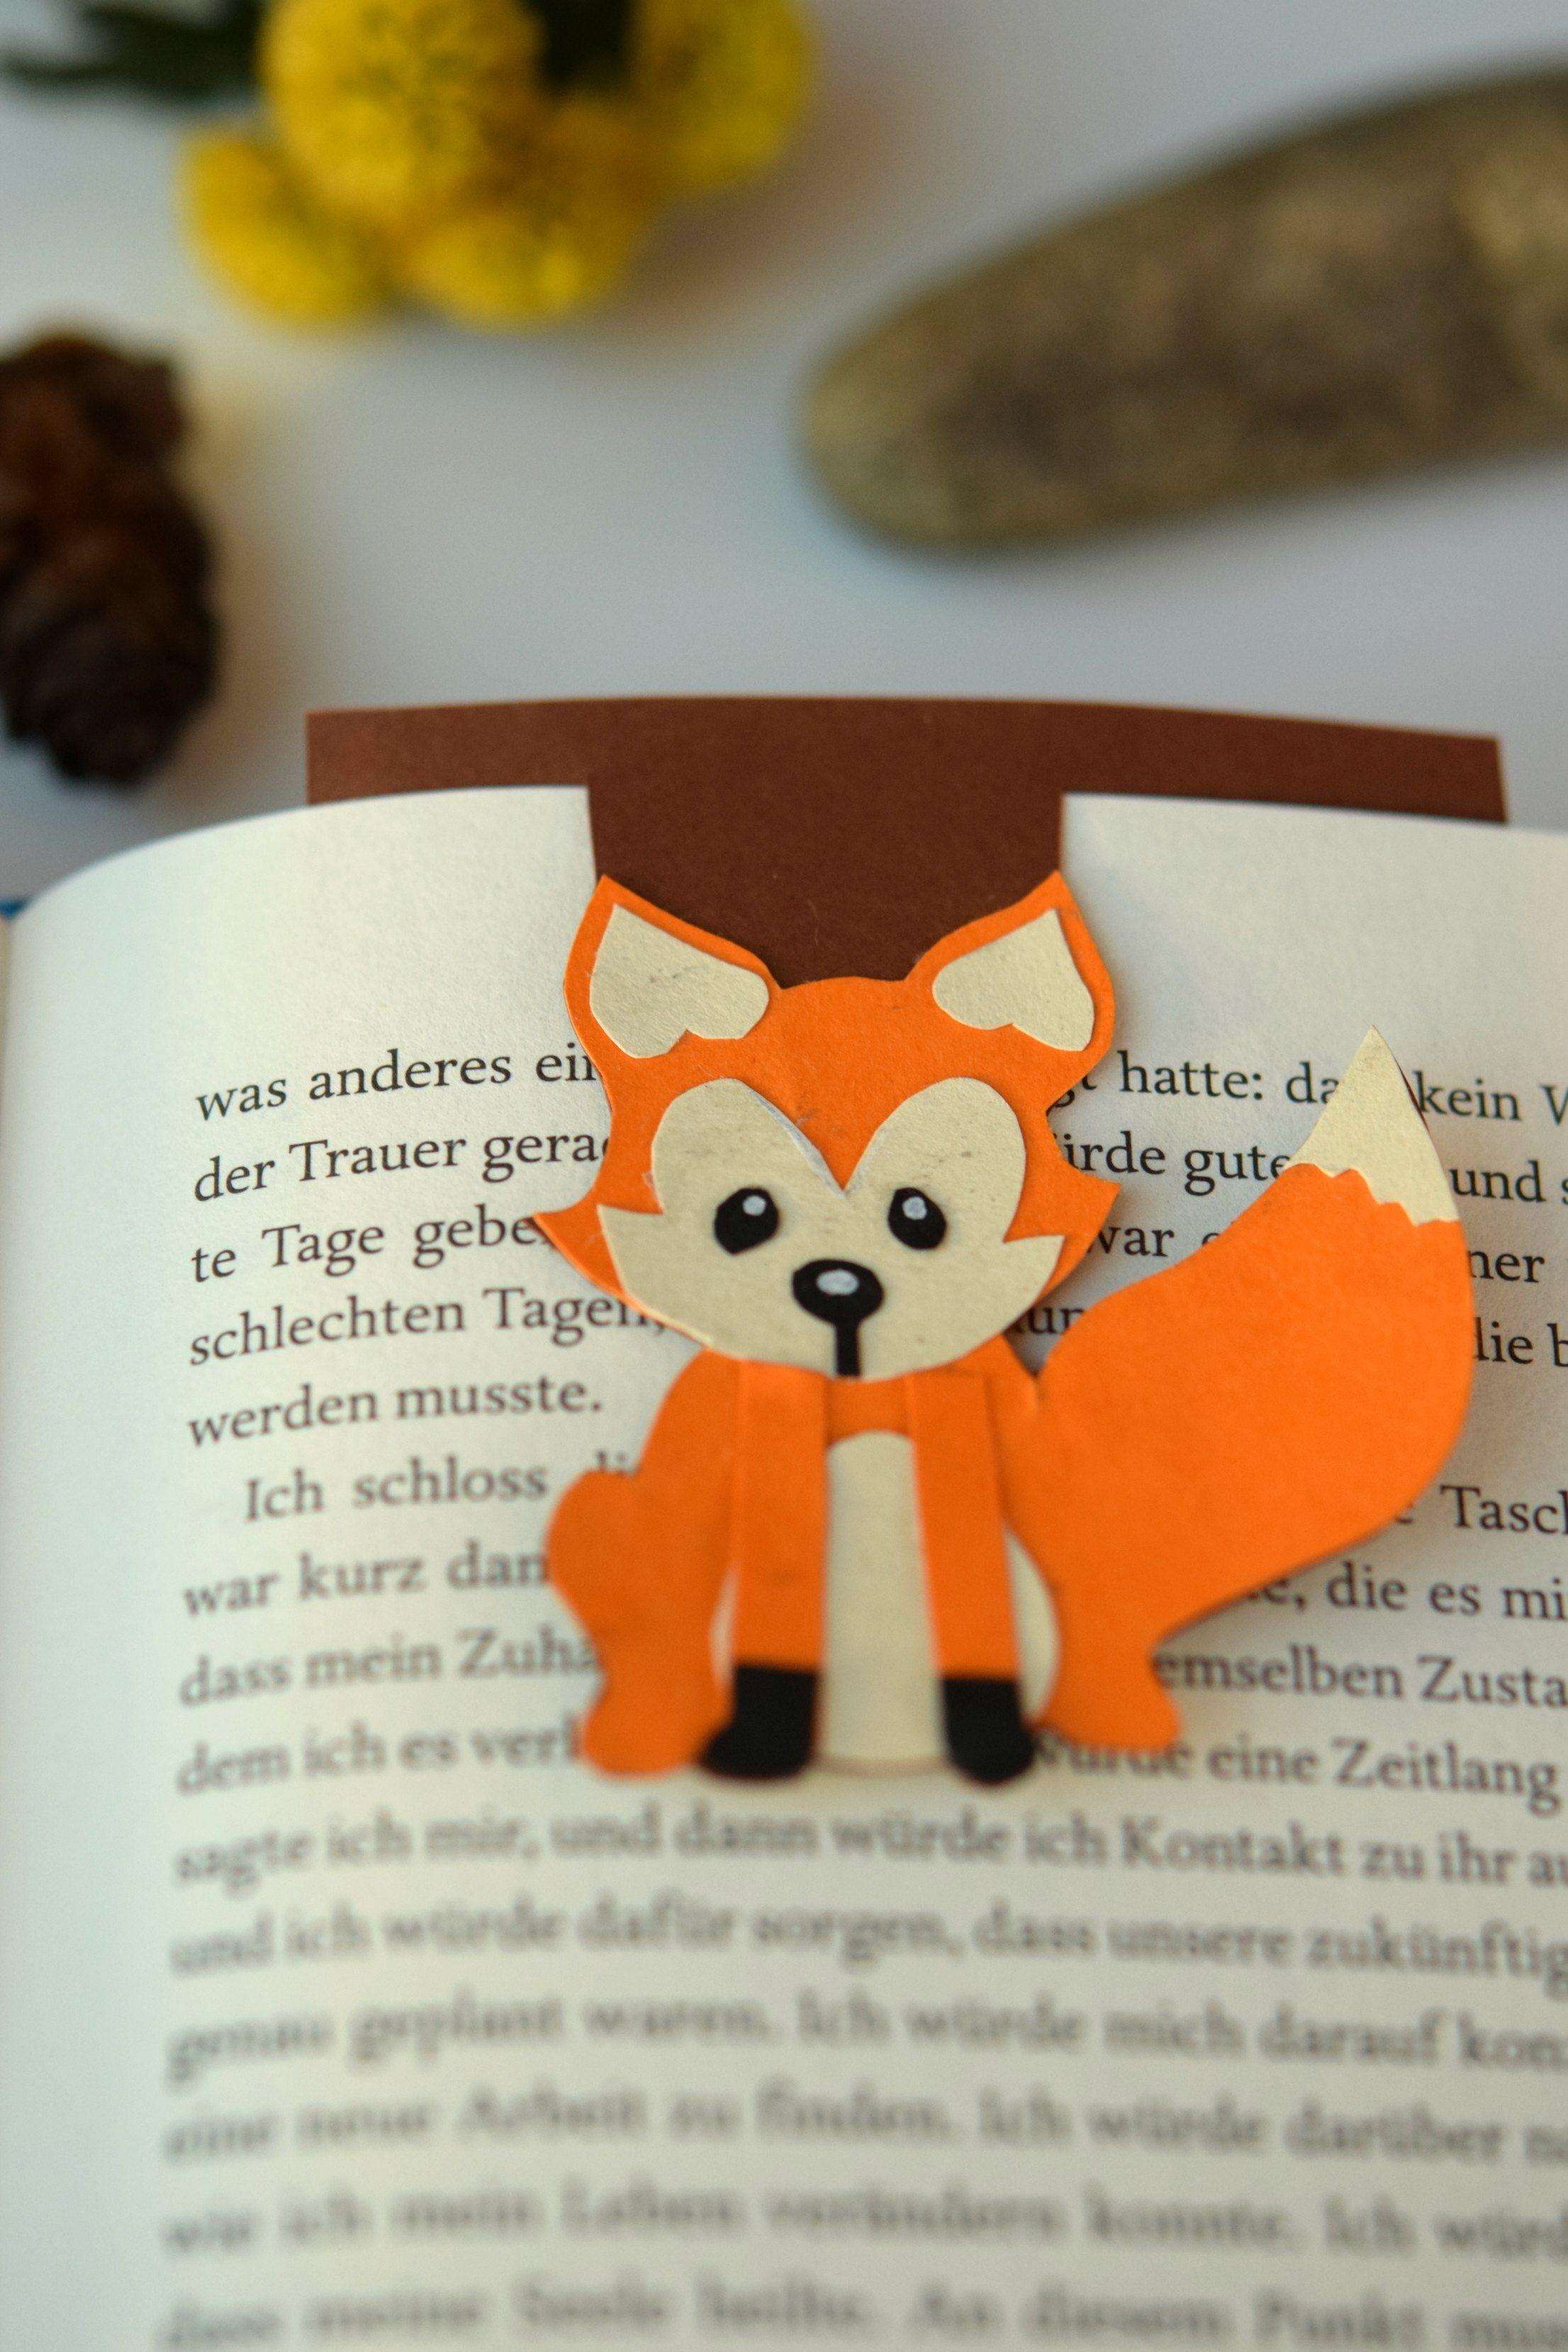 Wundbares Lesezeichen Selbst Gebastelt Diy Bookmark Fuchs Herbst